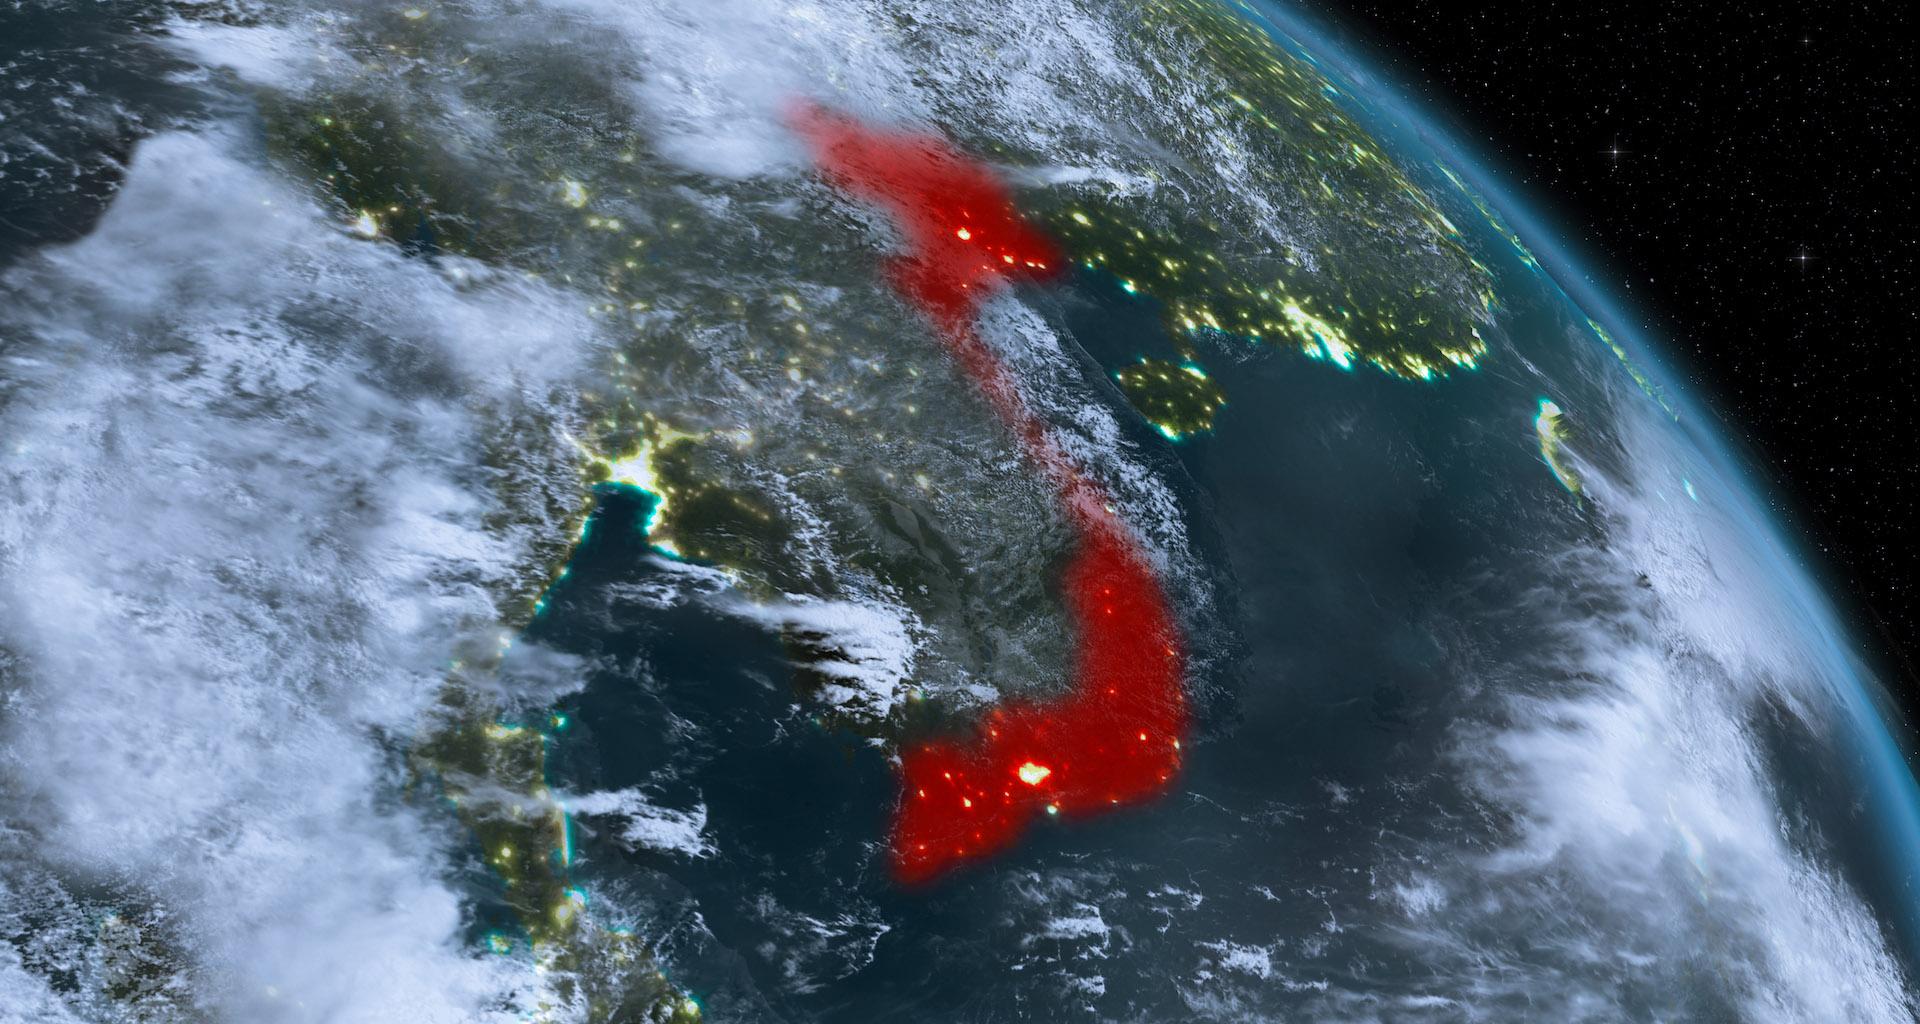 securitydaily_công cụ hack của nhóm tin tặc người Việt